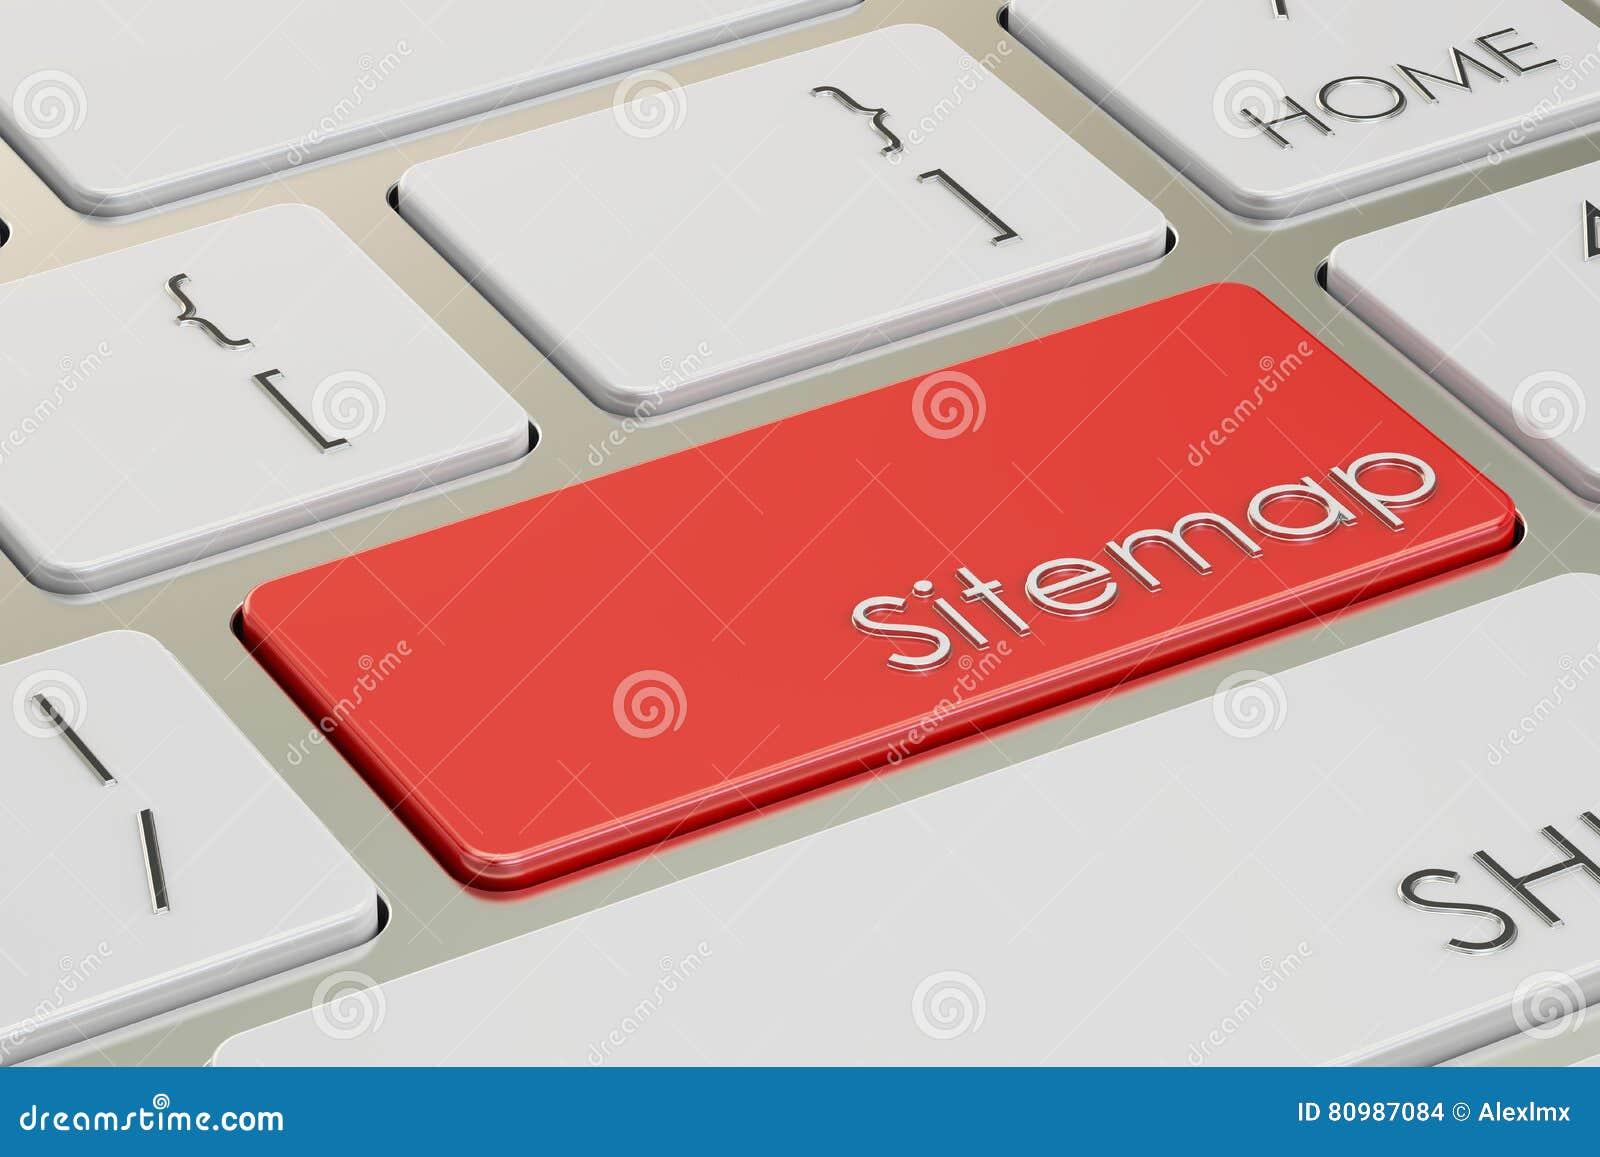 Sitemap rode sleutel op toetsenbord het 3d teruggeven